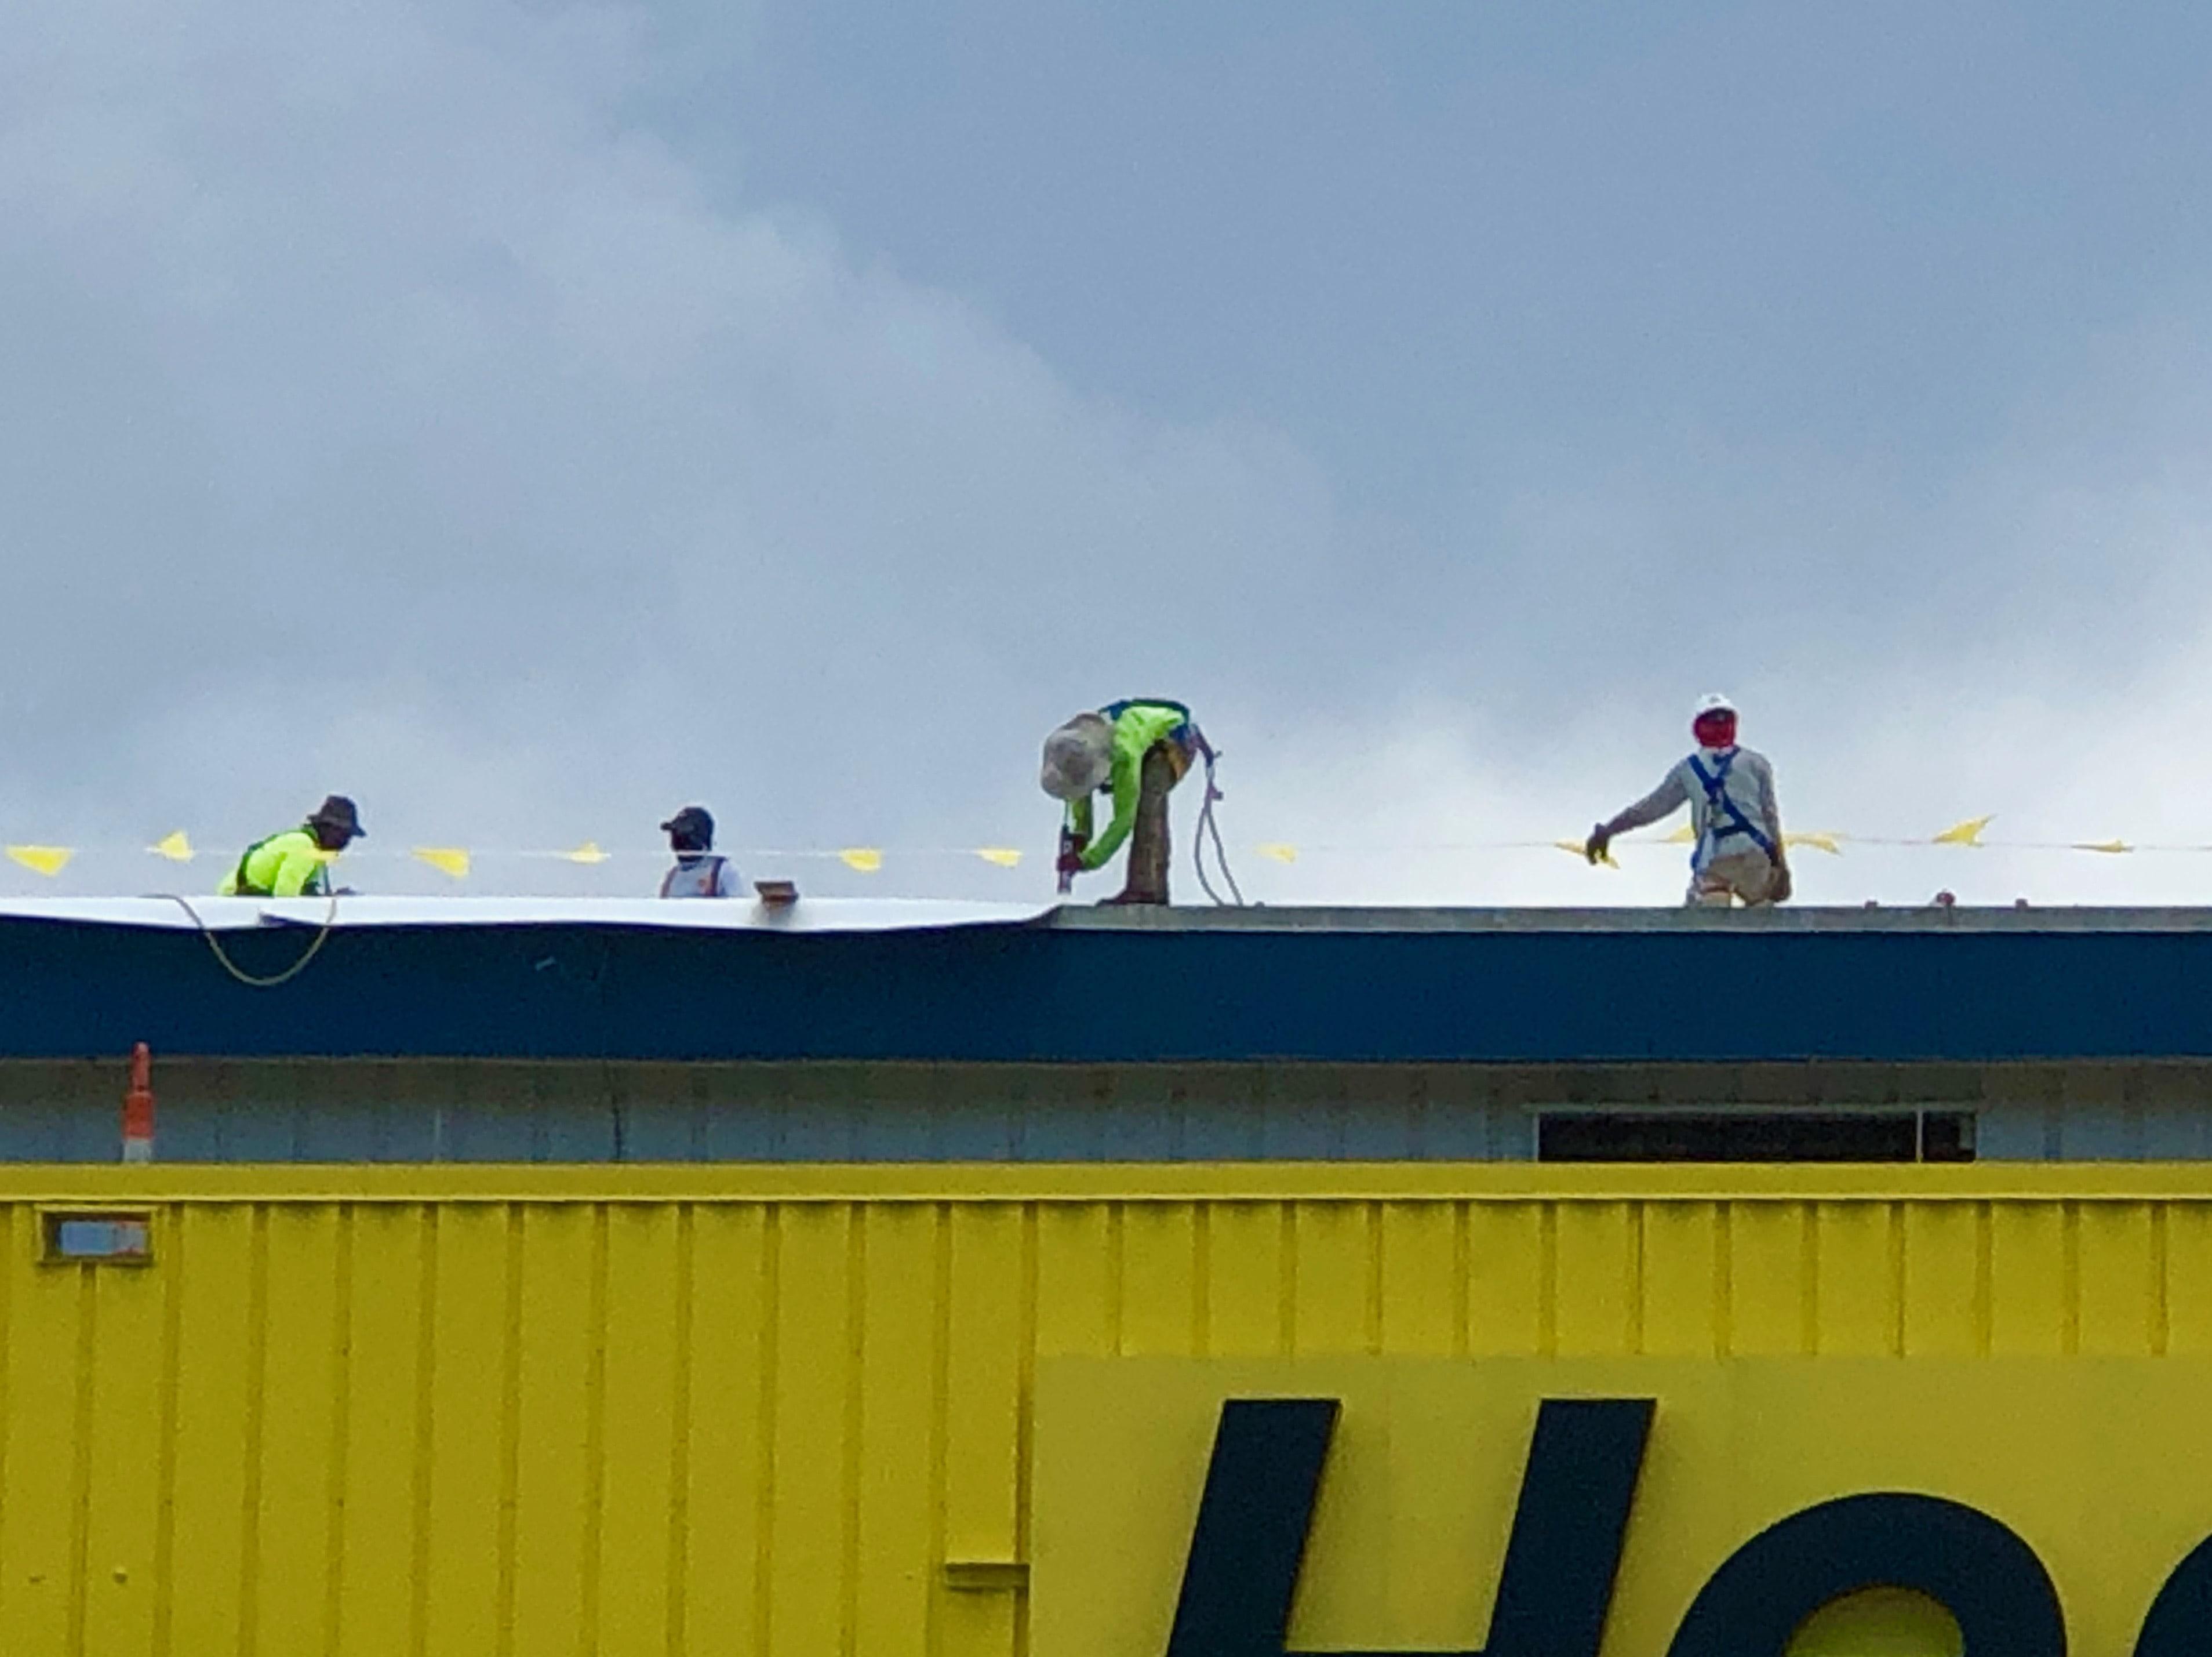 Roof Repair at Hertz Arena